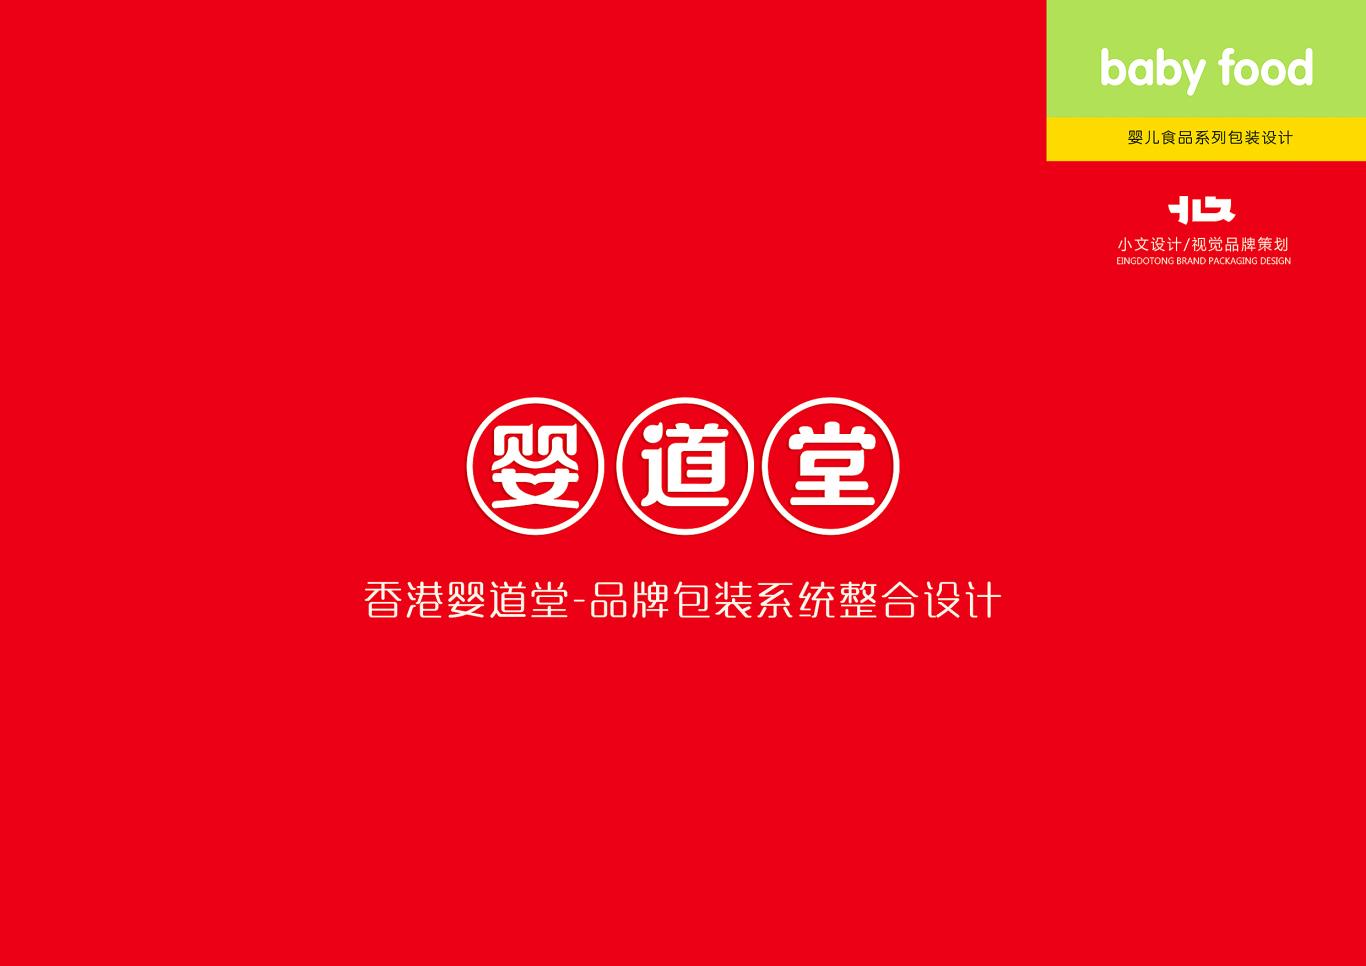 香港婴道堂品牌包装设计图0